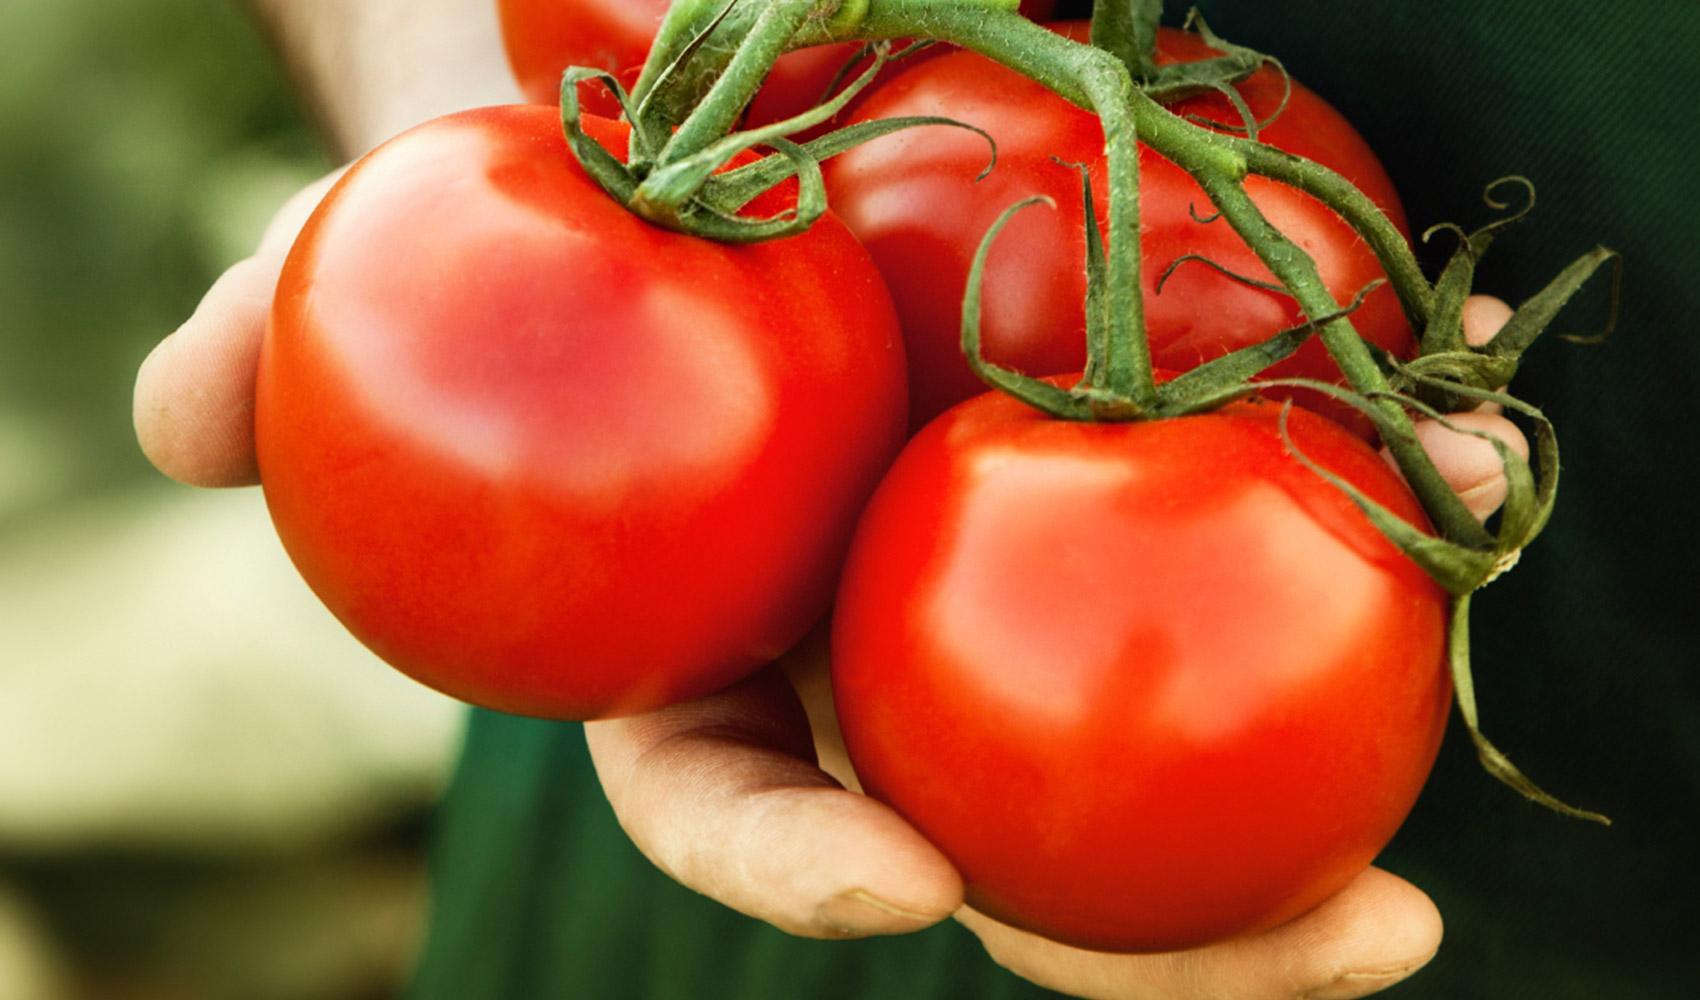 فوائد الطماطم الصحية hero_tomatoes_held.j